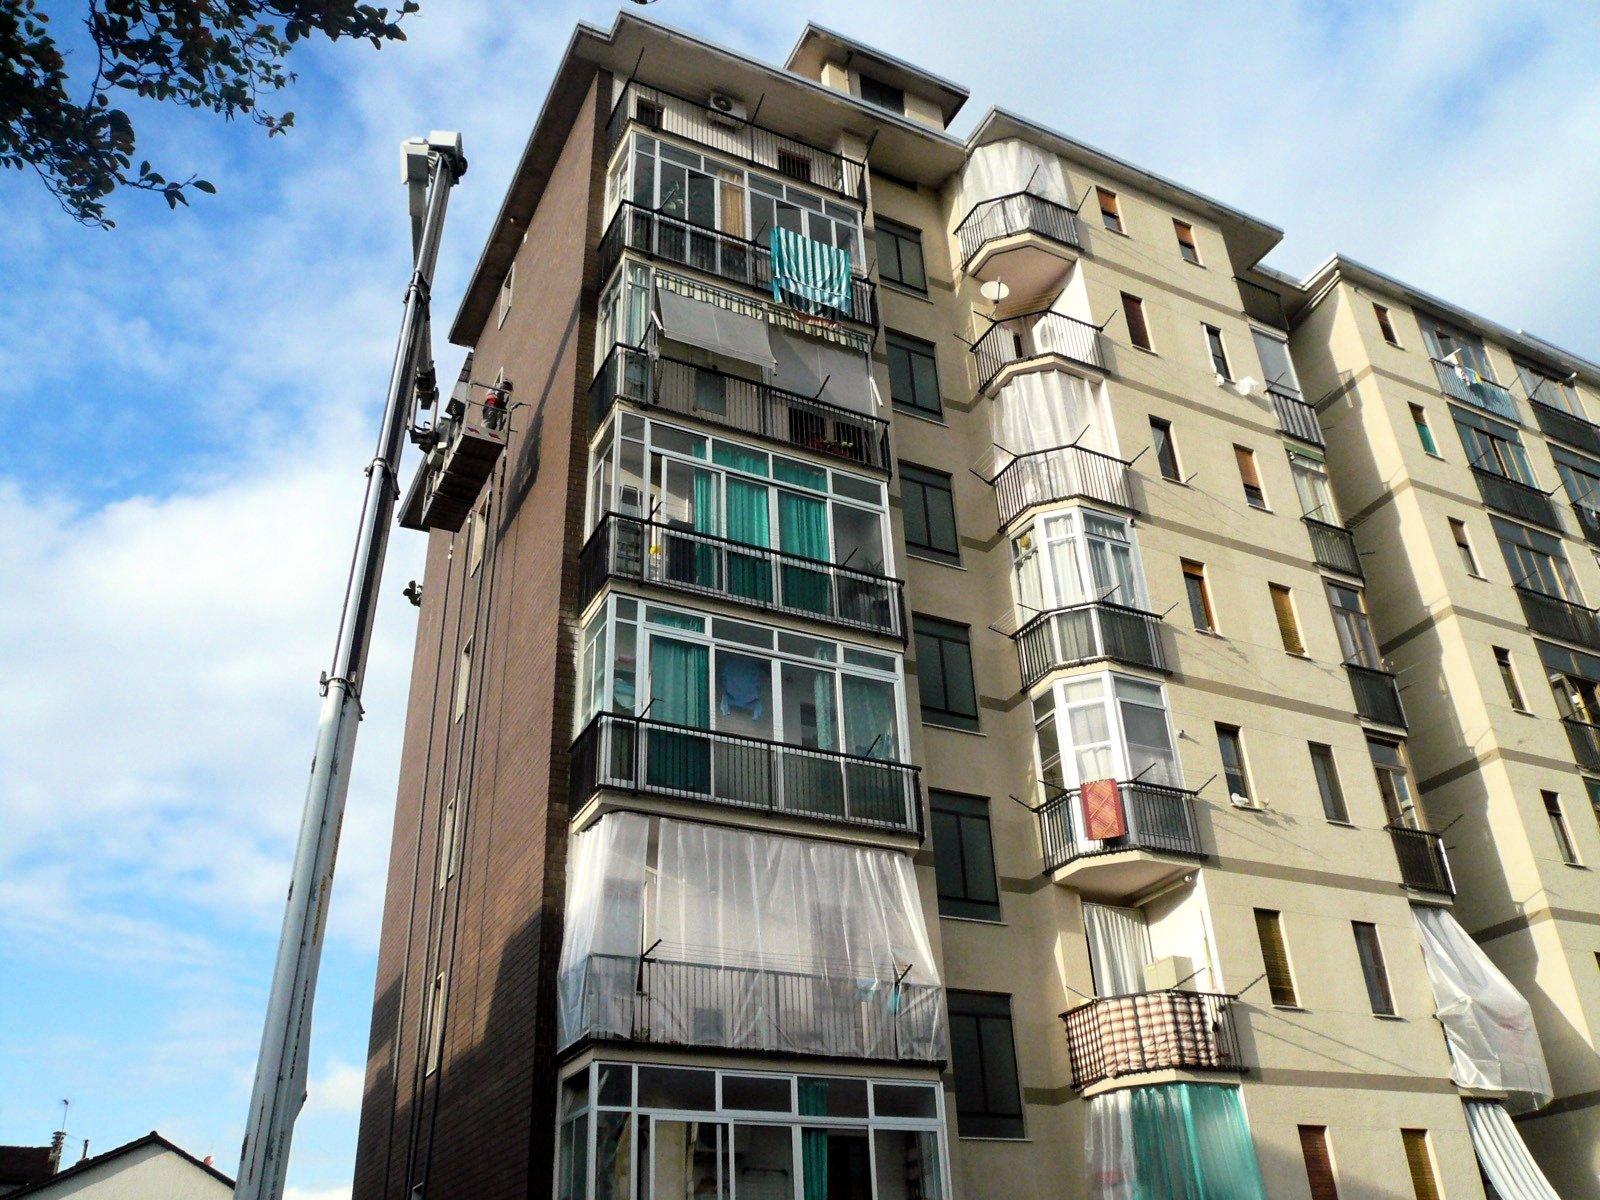 Isolare un solo appartamento del condominio è poss Isolare_un_solo_appartamento_del.jpg (Art. corrente, Pag. 1, Foto generica)